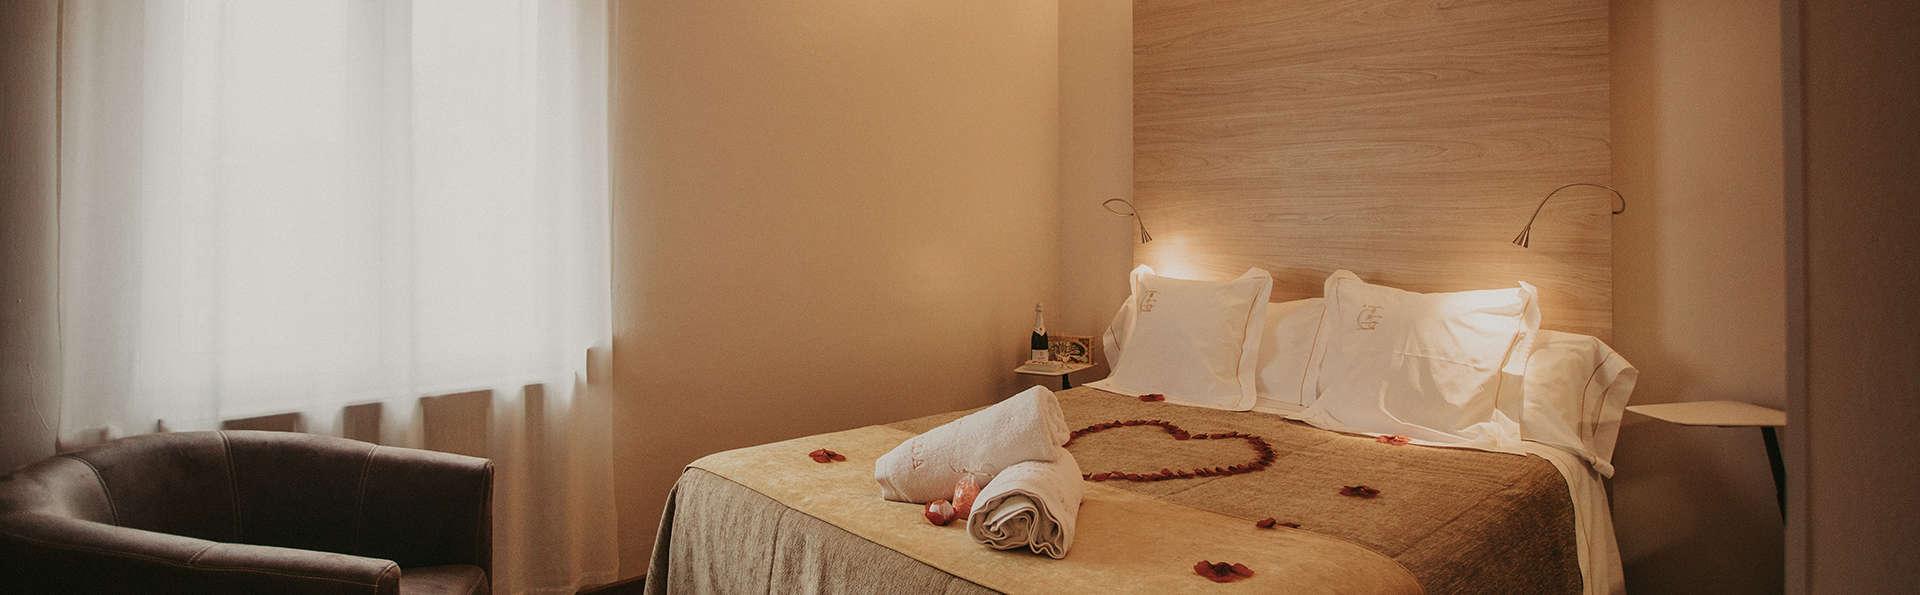 Romantisme en chambre supérieure avec bouteille de cava, pétales de roses et bain moussant